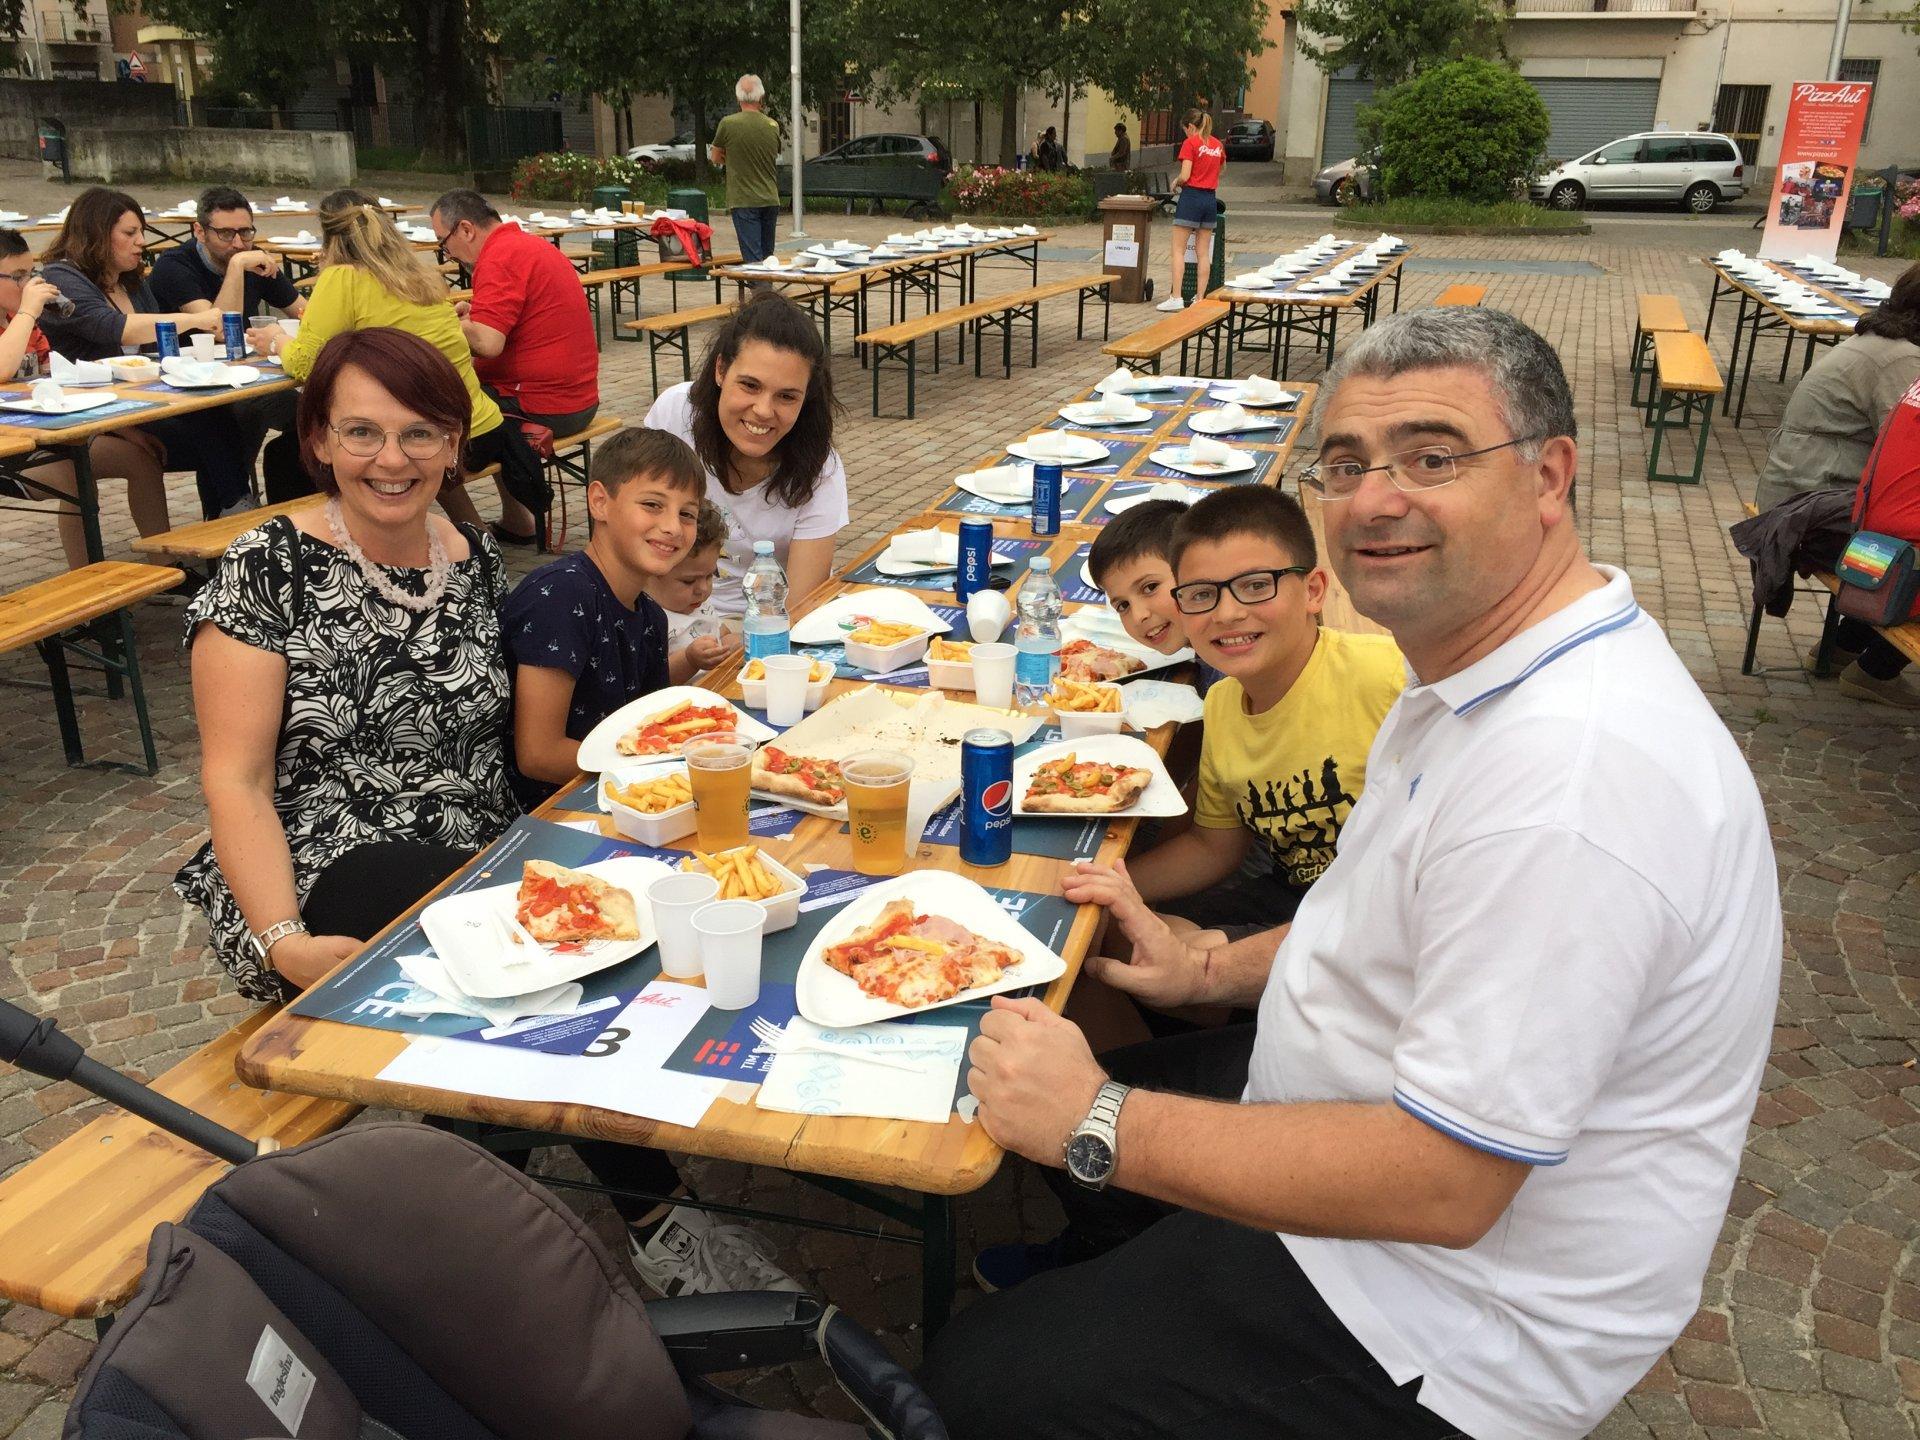 Bussero in piazza diritti dei bambini giropizza promosso da Pizzaut